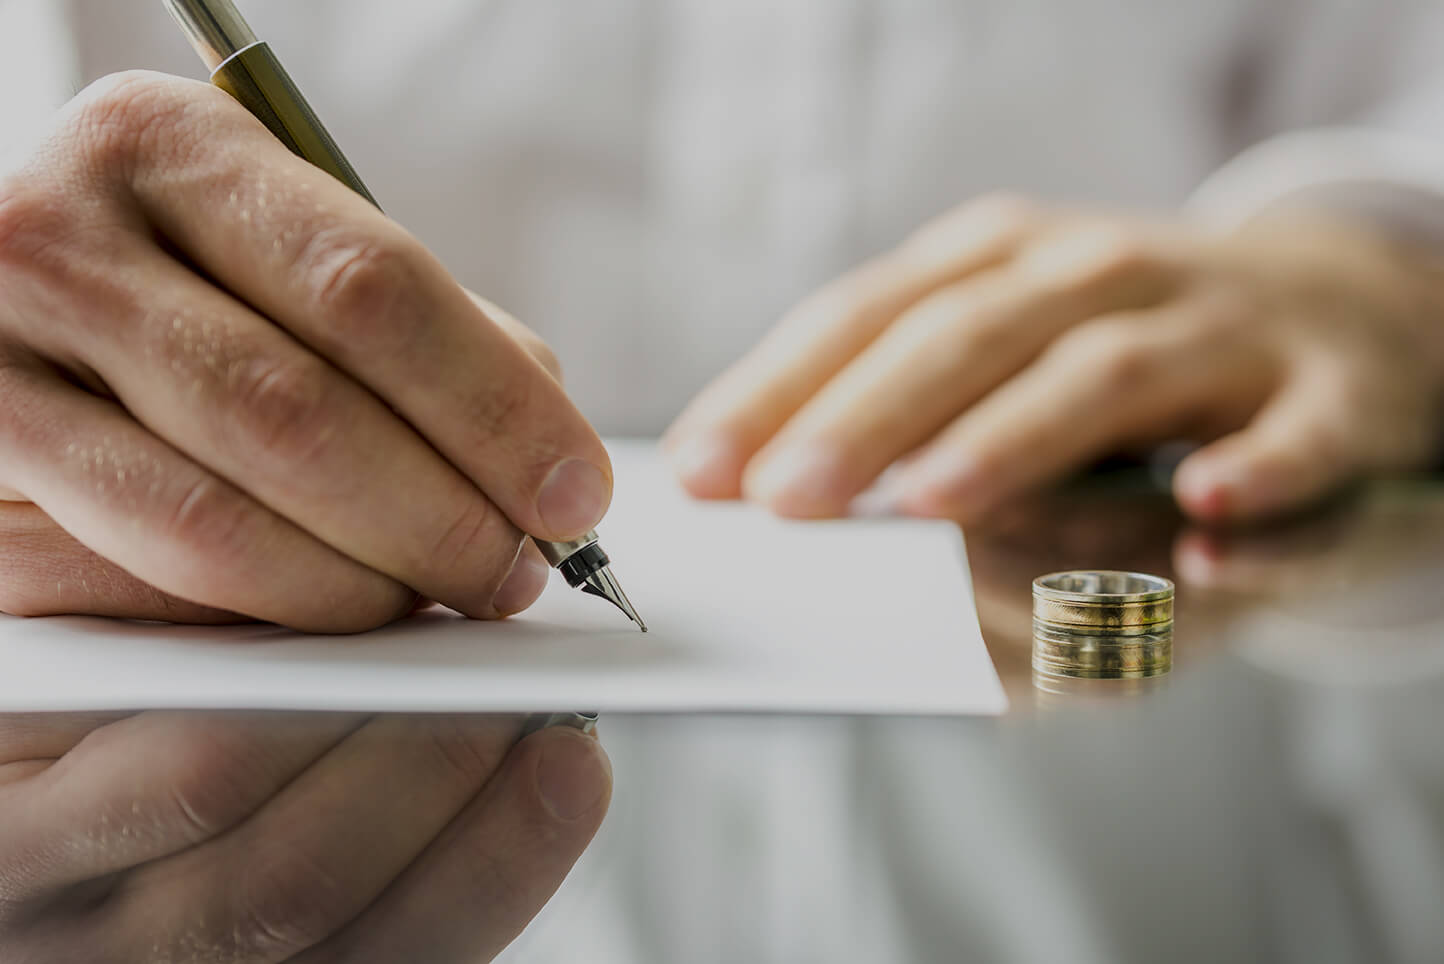 Scheiding online | Online scheiding service | Scheiding.nl | Divorce Online